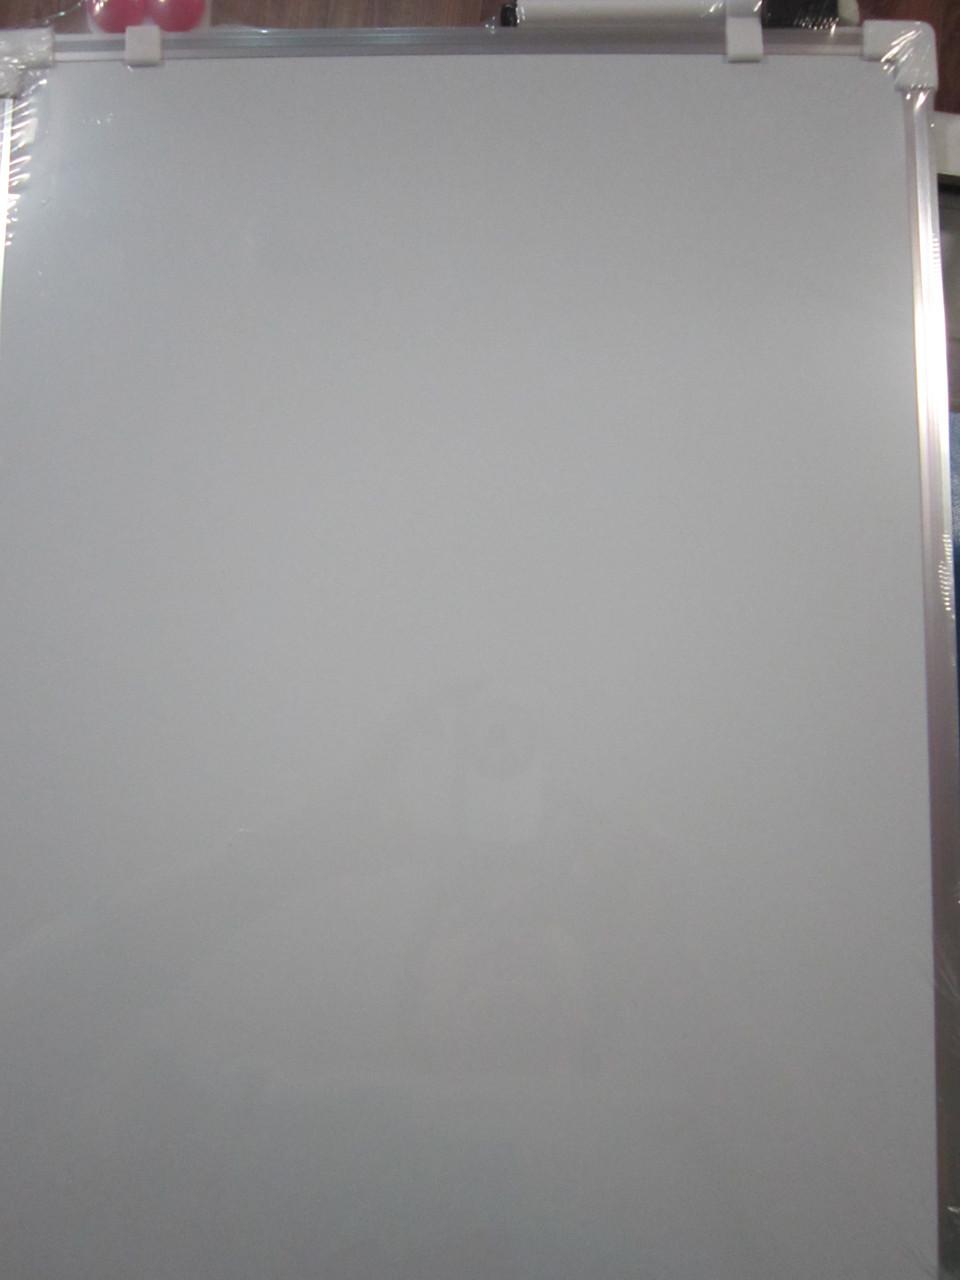 Доска маркерно-магнитная белая 30х40см